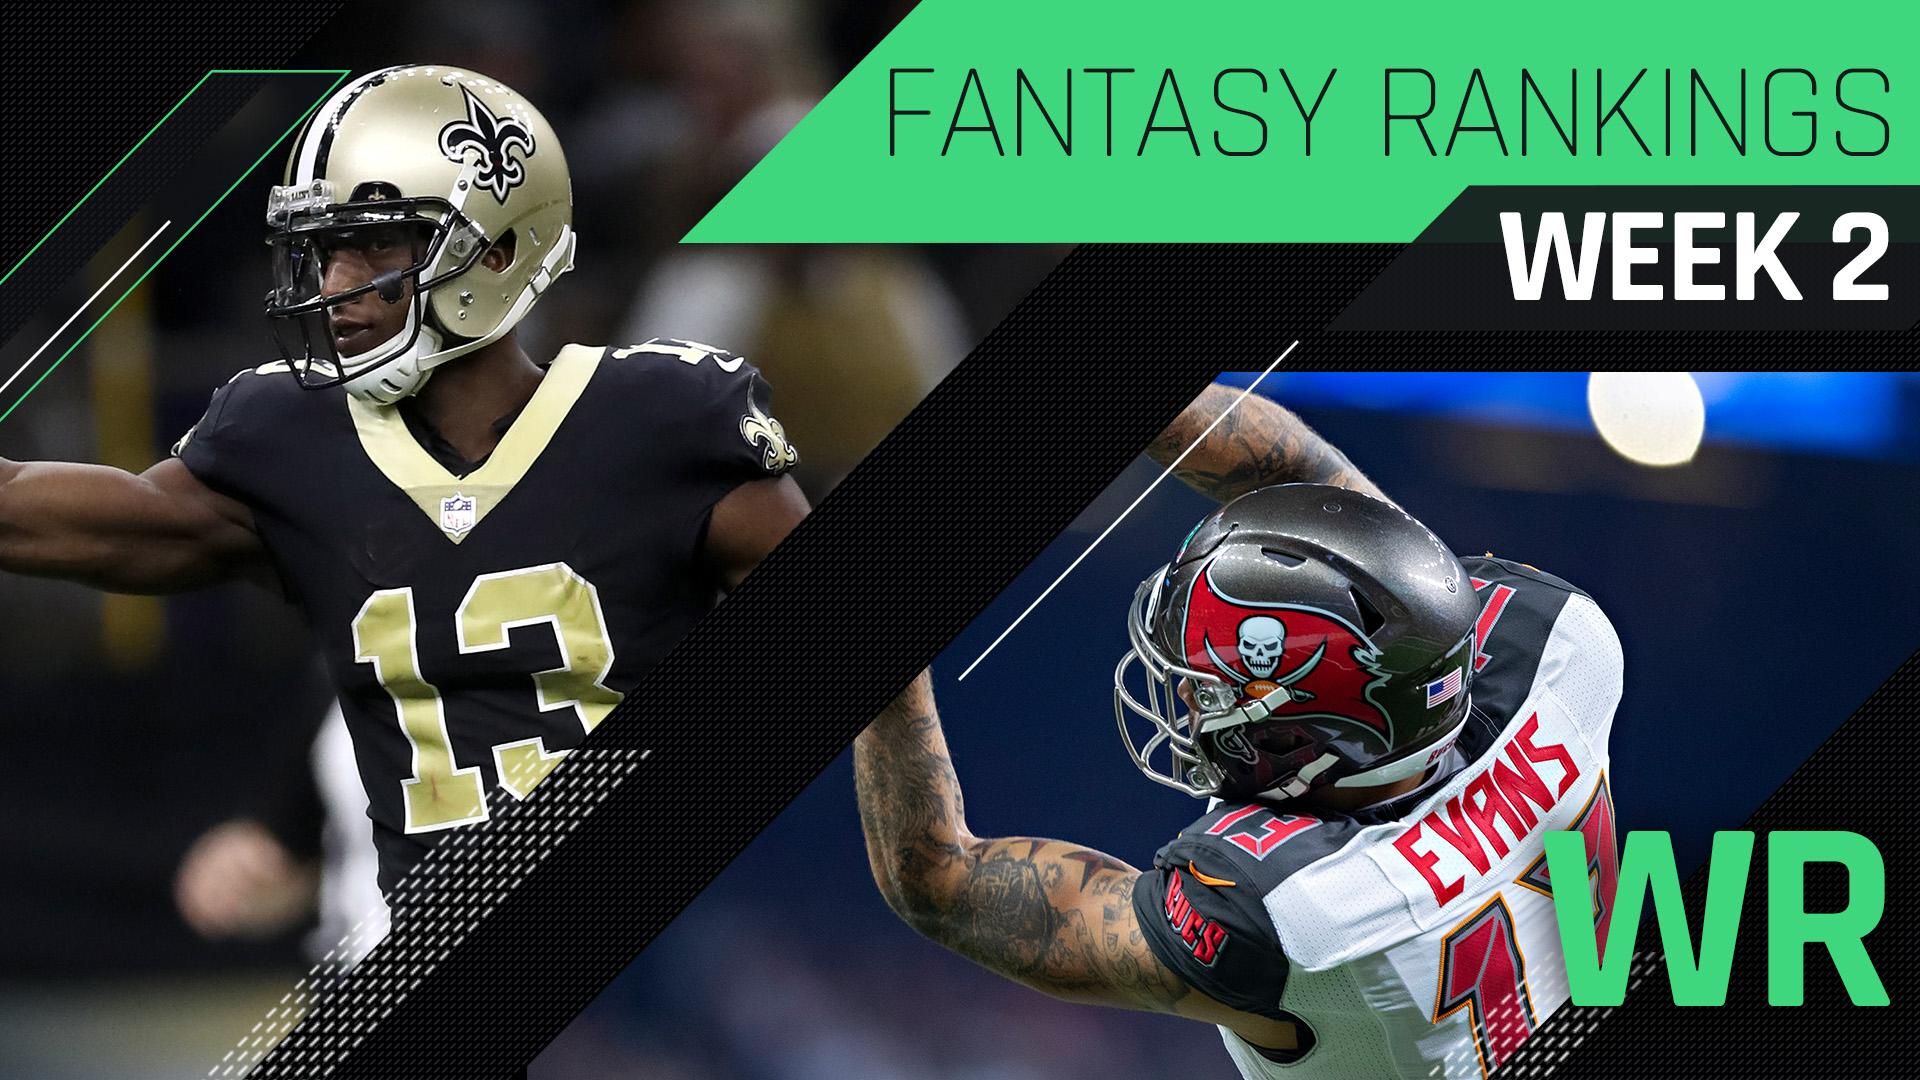 Week 2 Fantasy Rankings: Wide receiver